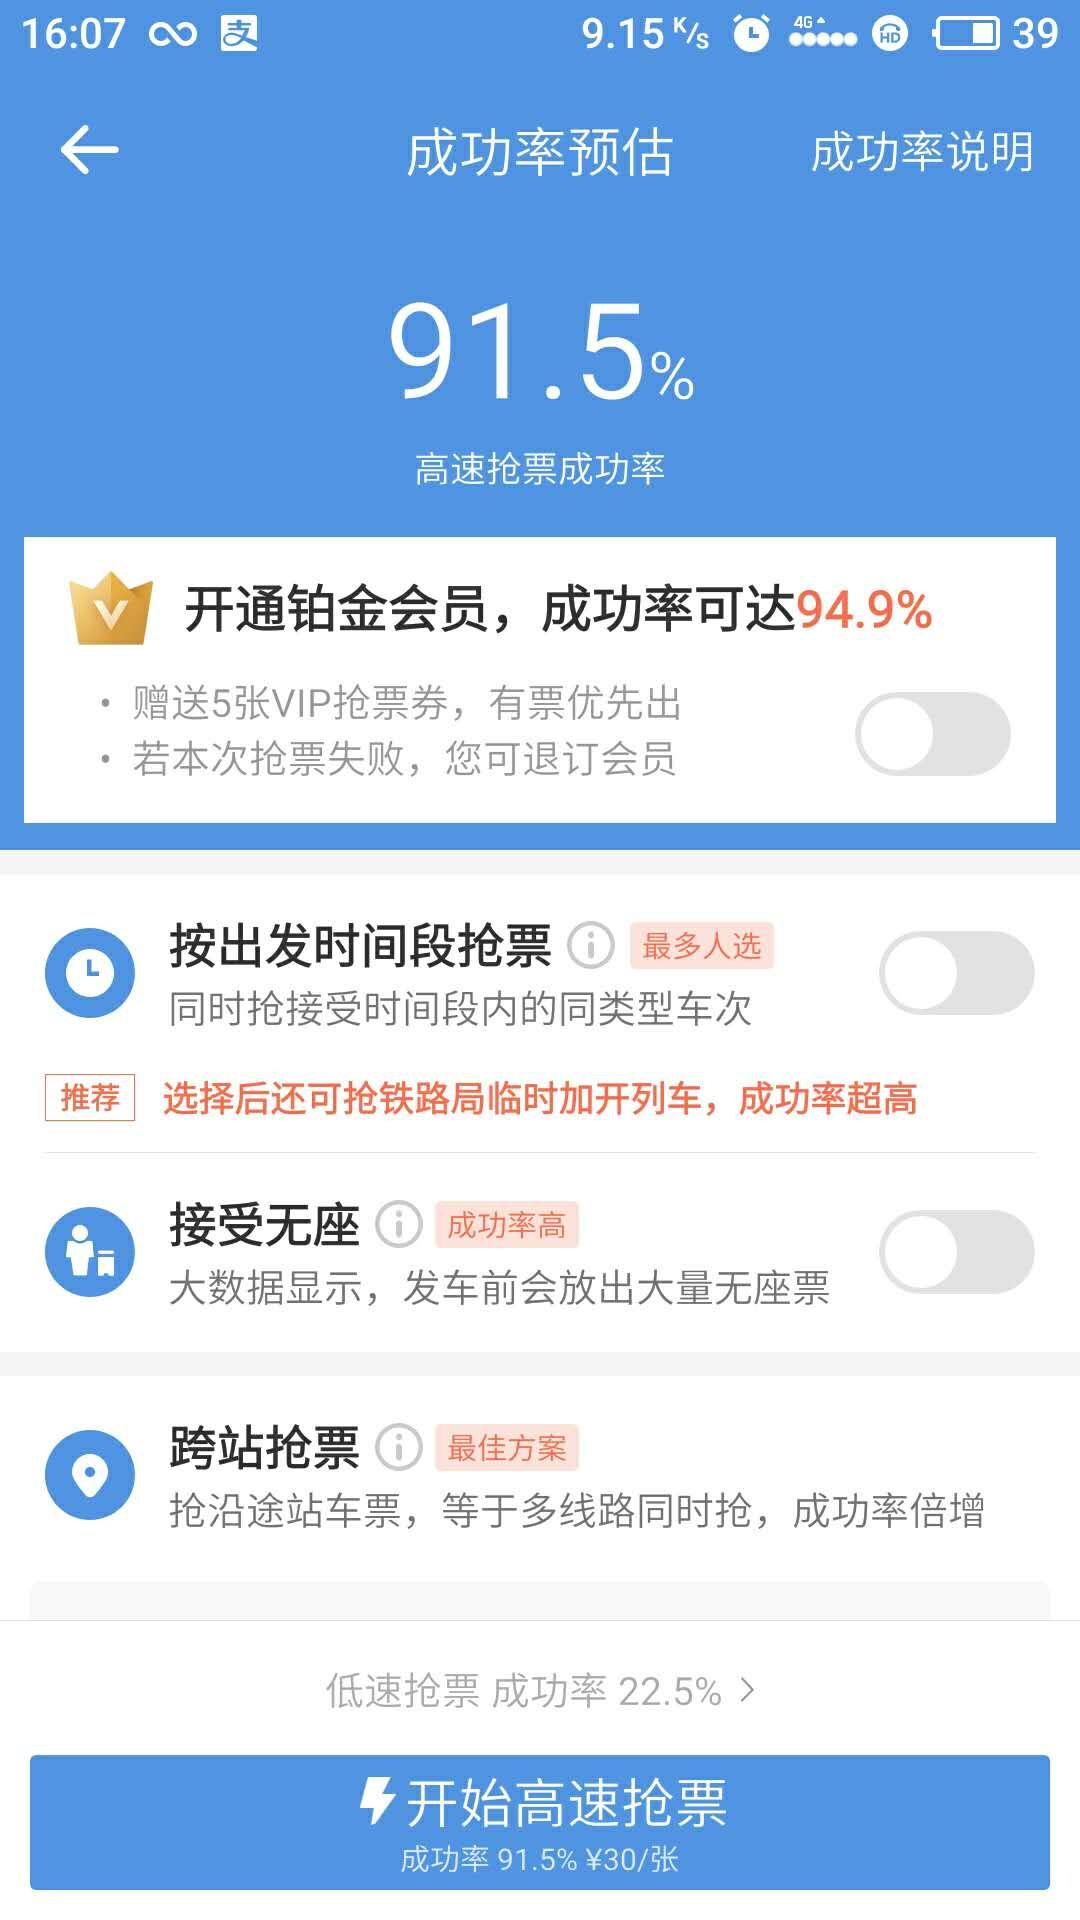 智行火车票APP上的抢票确认页面 图片由尹先生提供